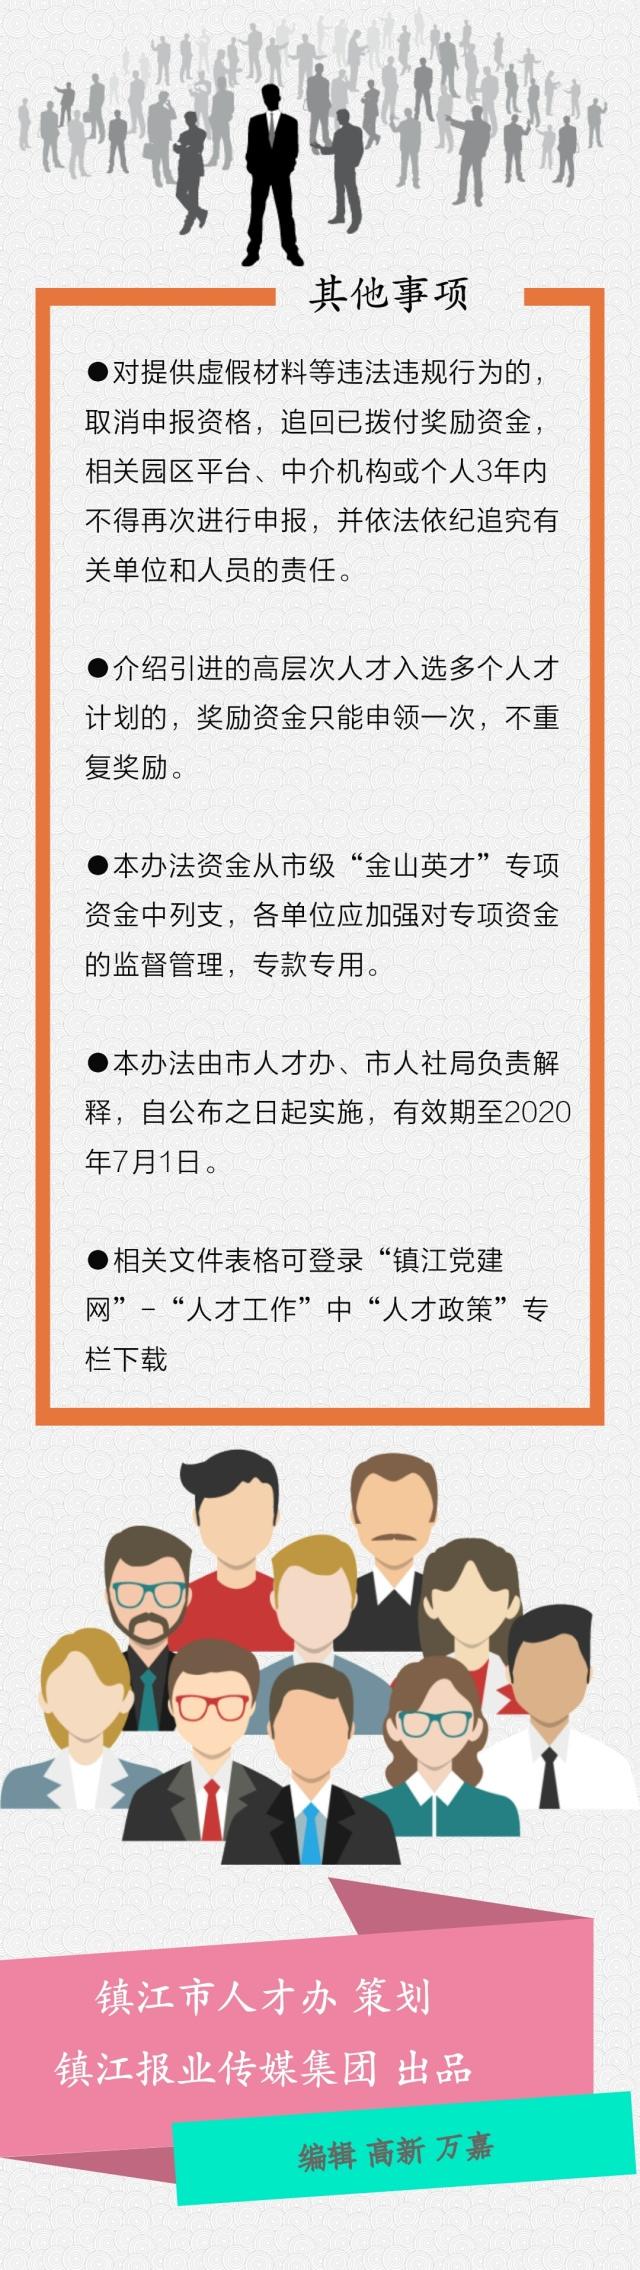 """2018年""""金山英才""""计划:重奖伯乐!引才进镇江最高奖励20万!"""